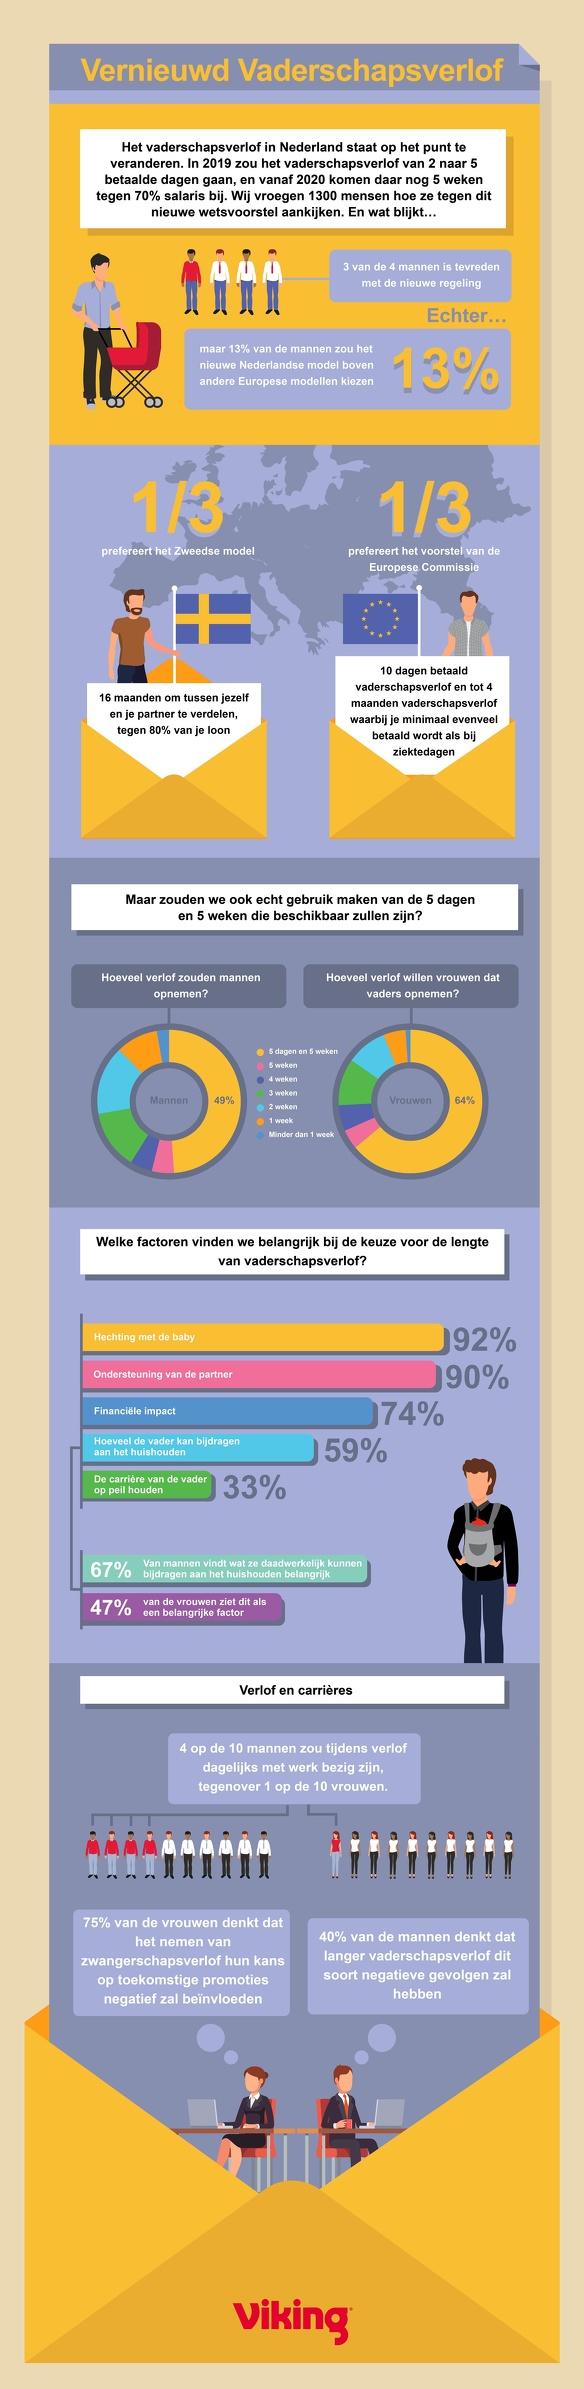 Vaderschapsverlof infographic volledig